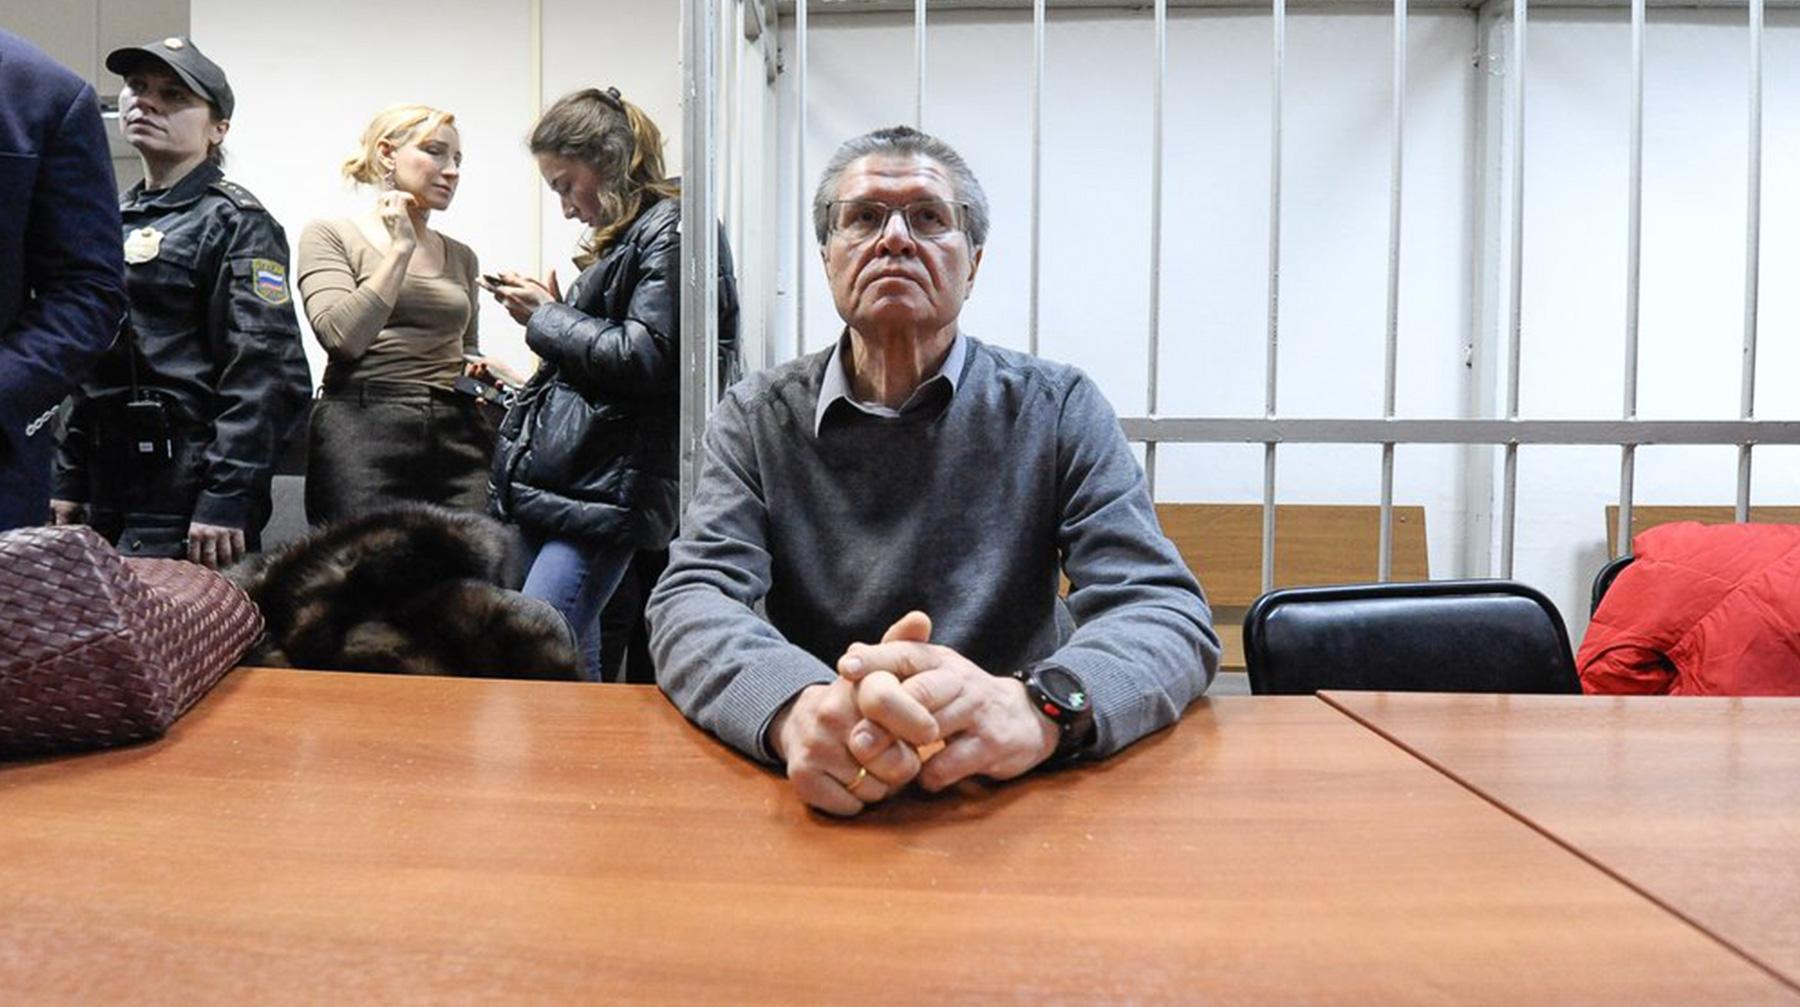 Улюкаев навсе 100% оплатил назначенный судом штраф— юрист